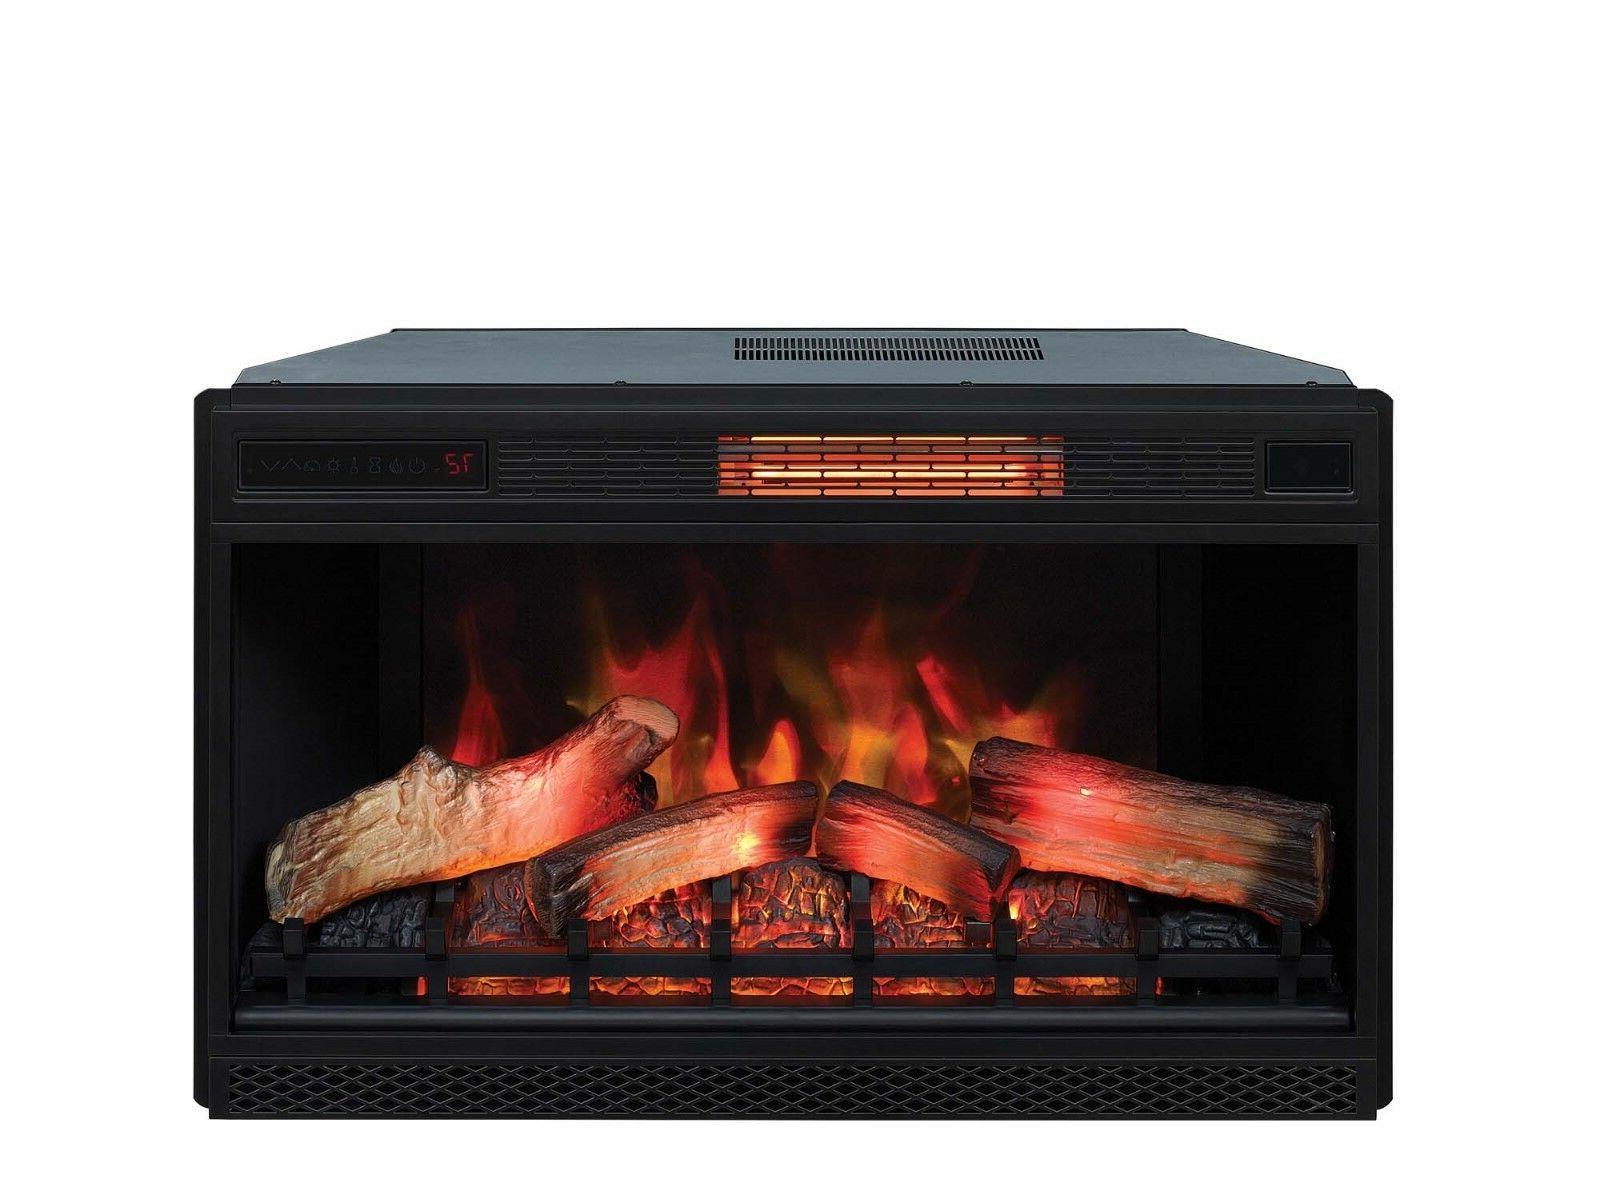 3d infrared quartz fireplace insert